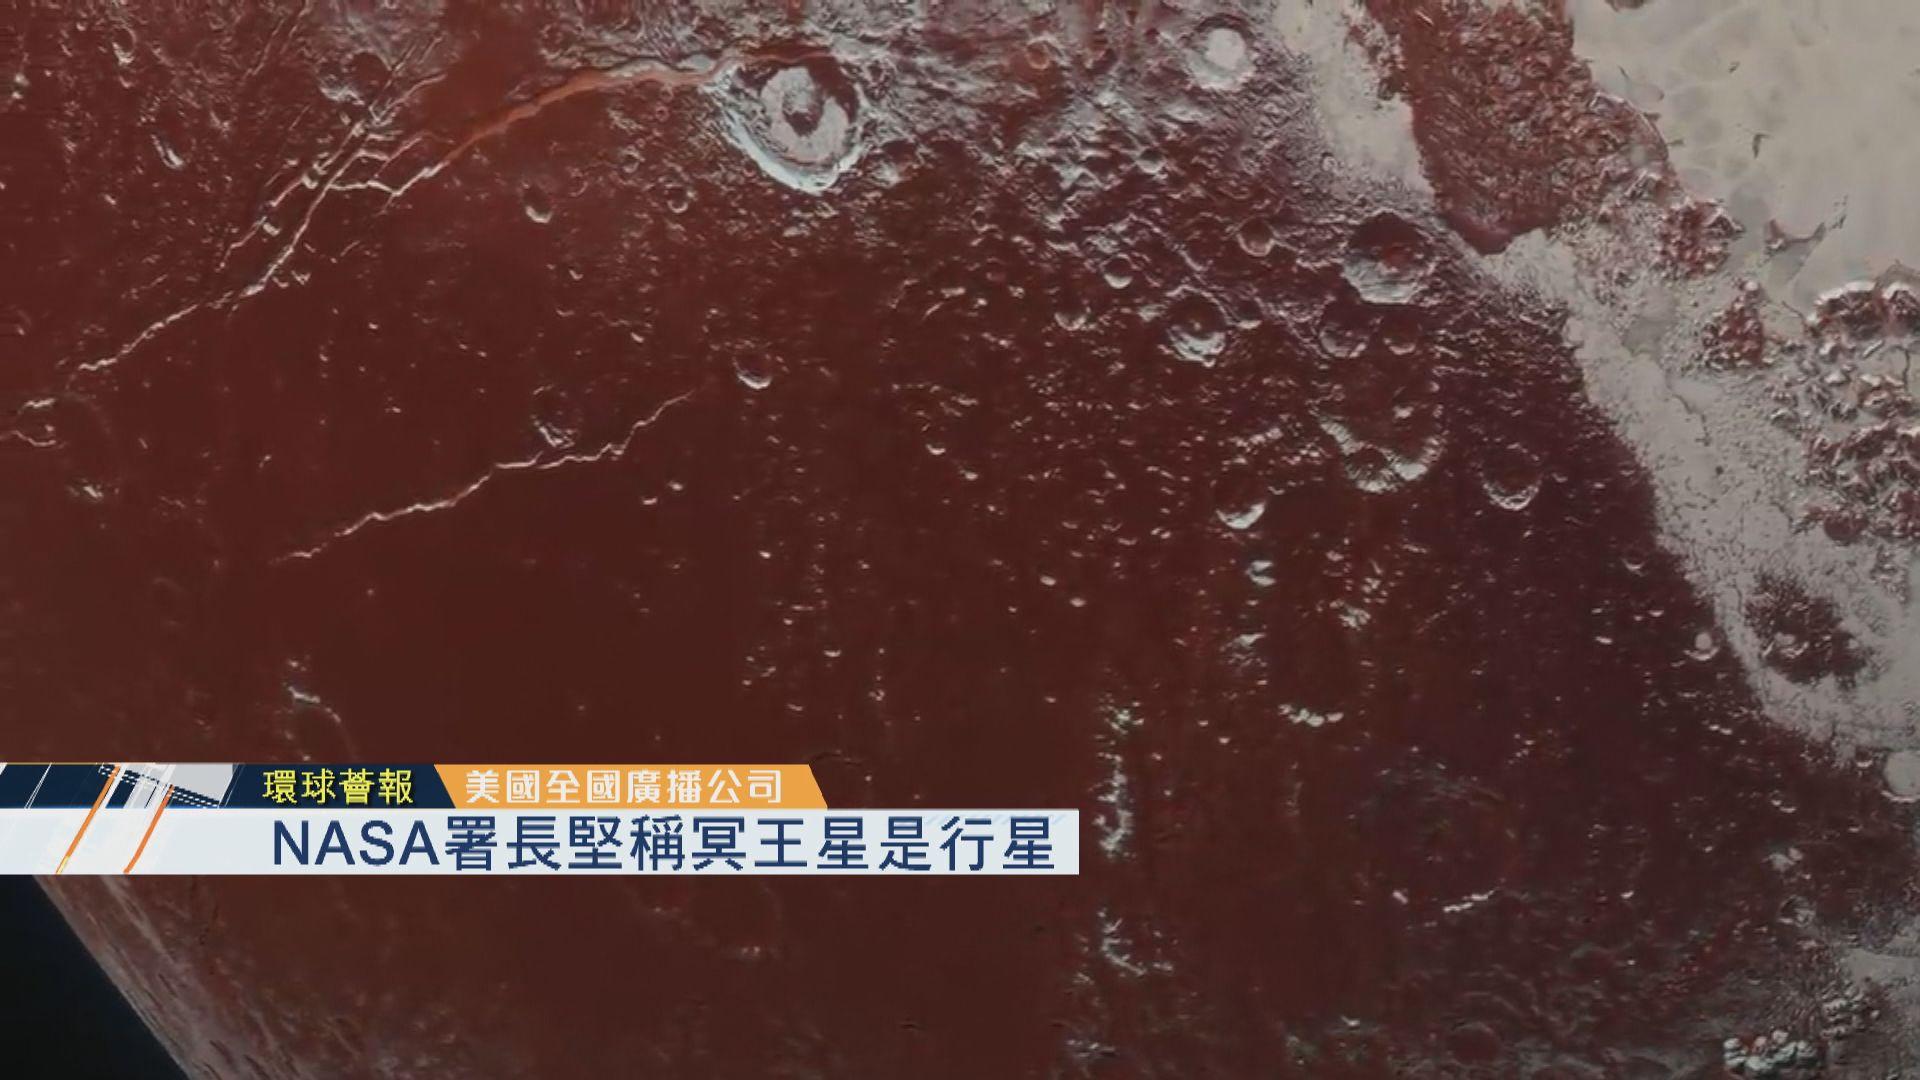 【環球薈報】NASA署長堅稱冥王星是行星